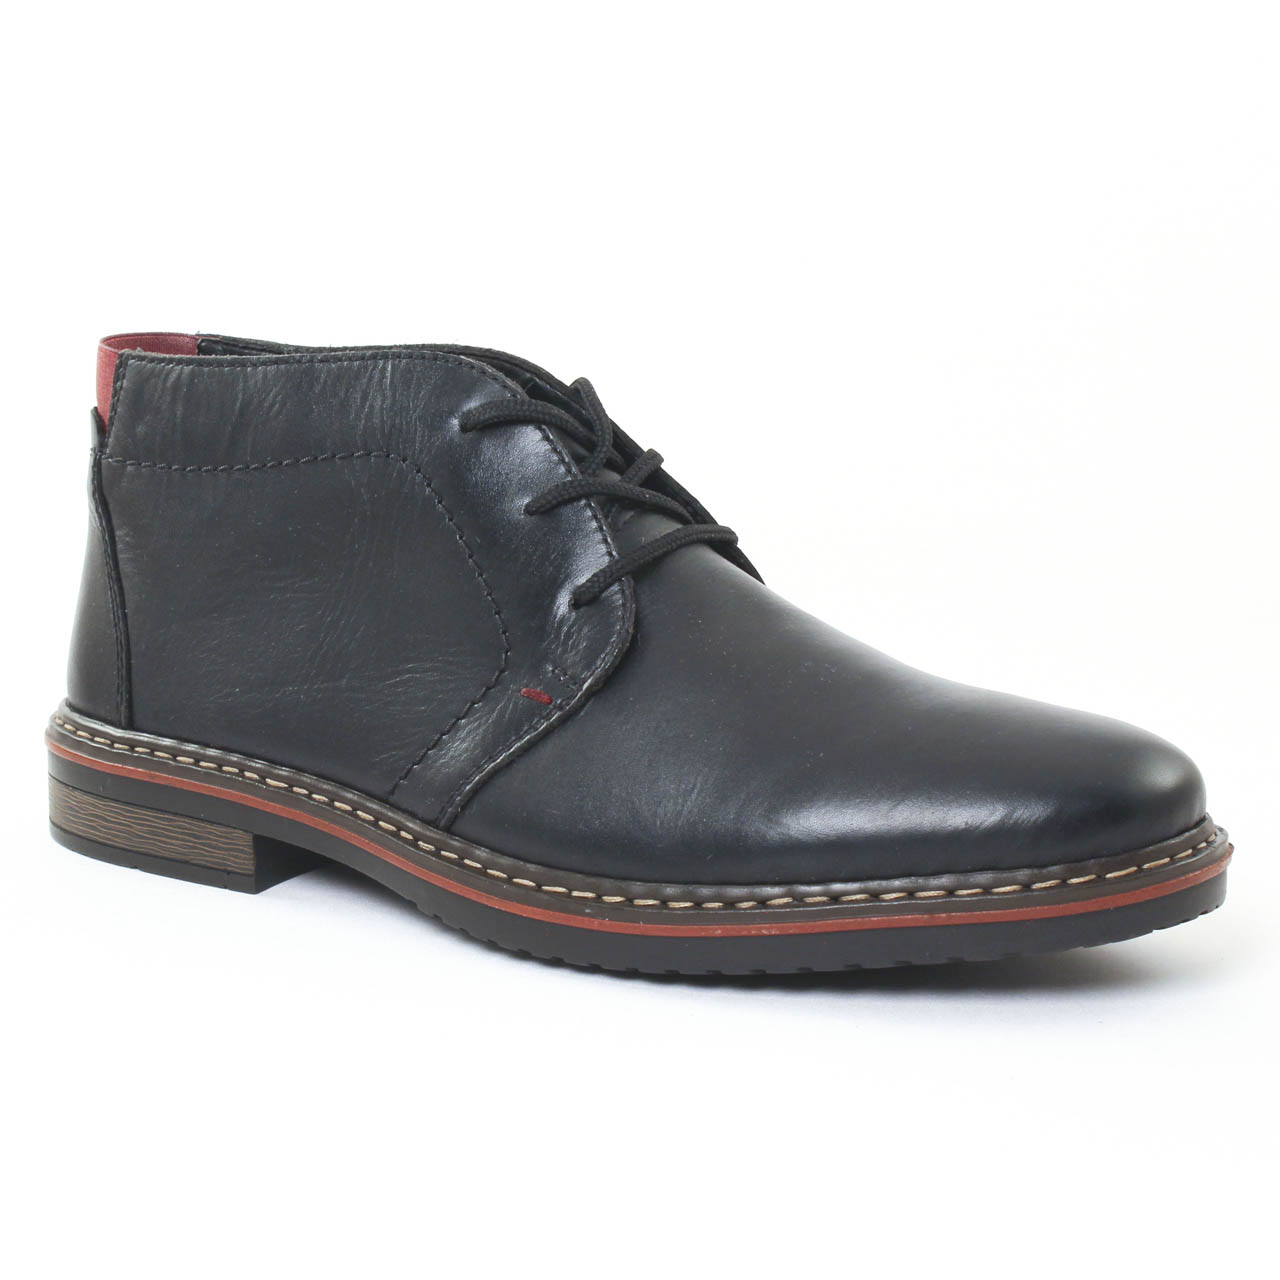 rieker 30423 noir chaussure montantes noir automne hiver chez trois par 3. Black Bedroom Furniture Sets. Home Design Ideas